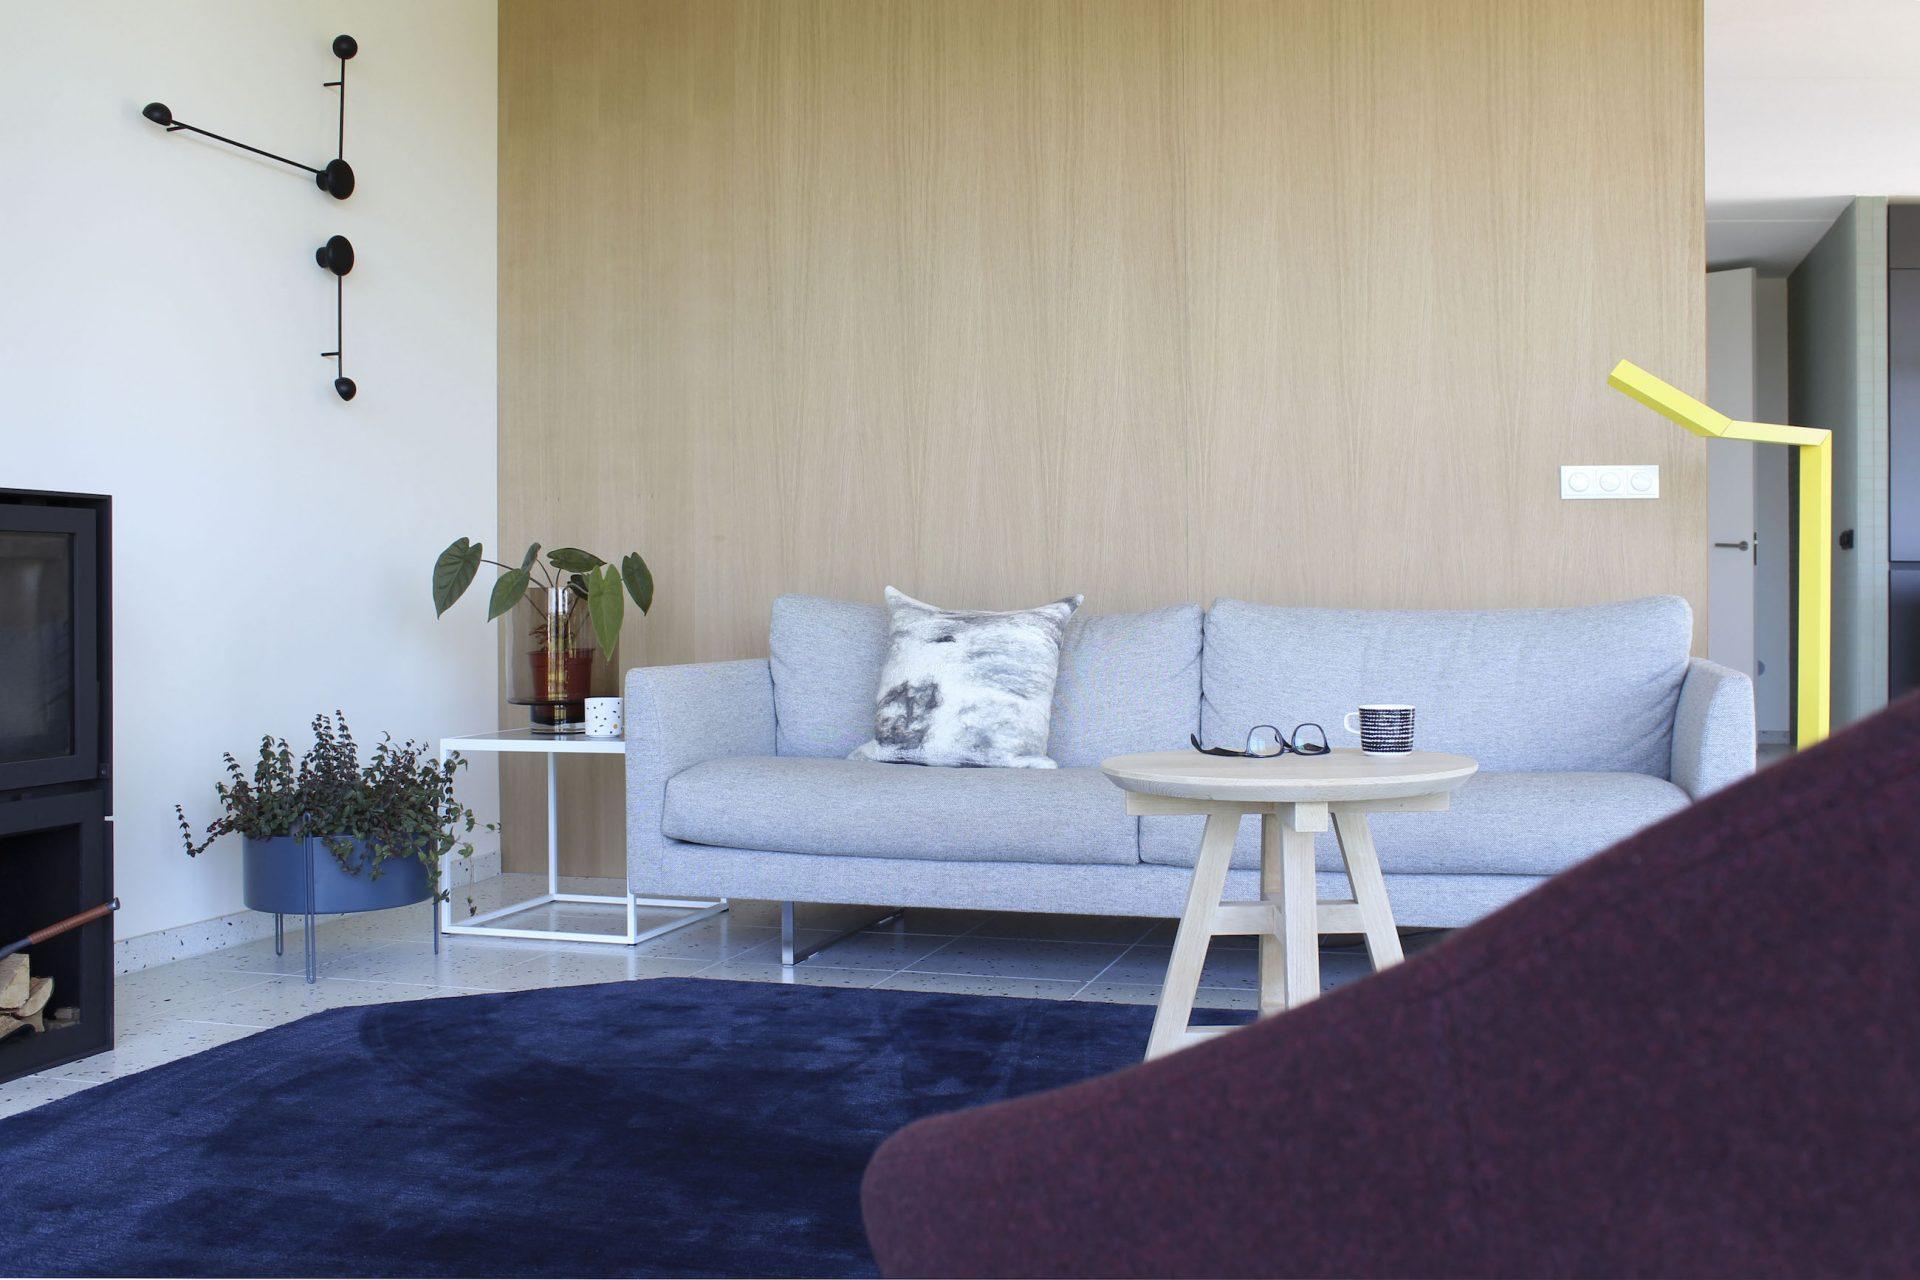 De zithoek is ingedeeld met wandverlichting, een wollen vloerkleed en stoffenbank. Maatwerk eikenhout wandbekleding is onderdeel van de binnenhuisarchitectuur.